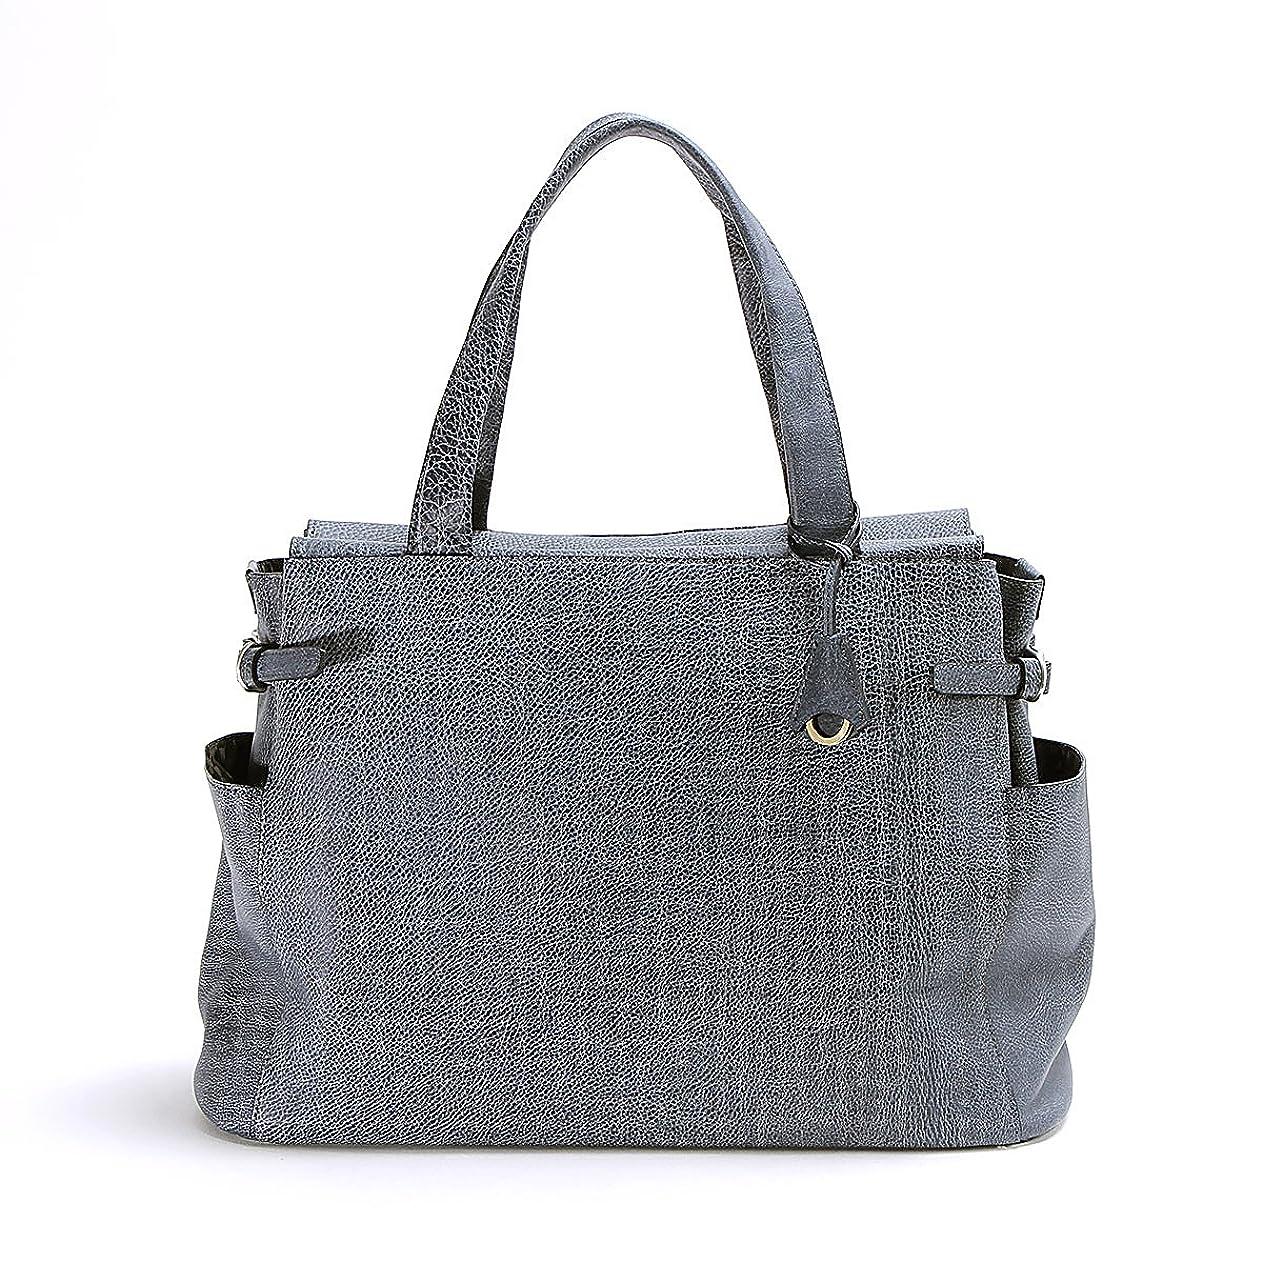 免疫マイク期間アニアリ トートバッグ Grind Leather 15-02002